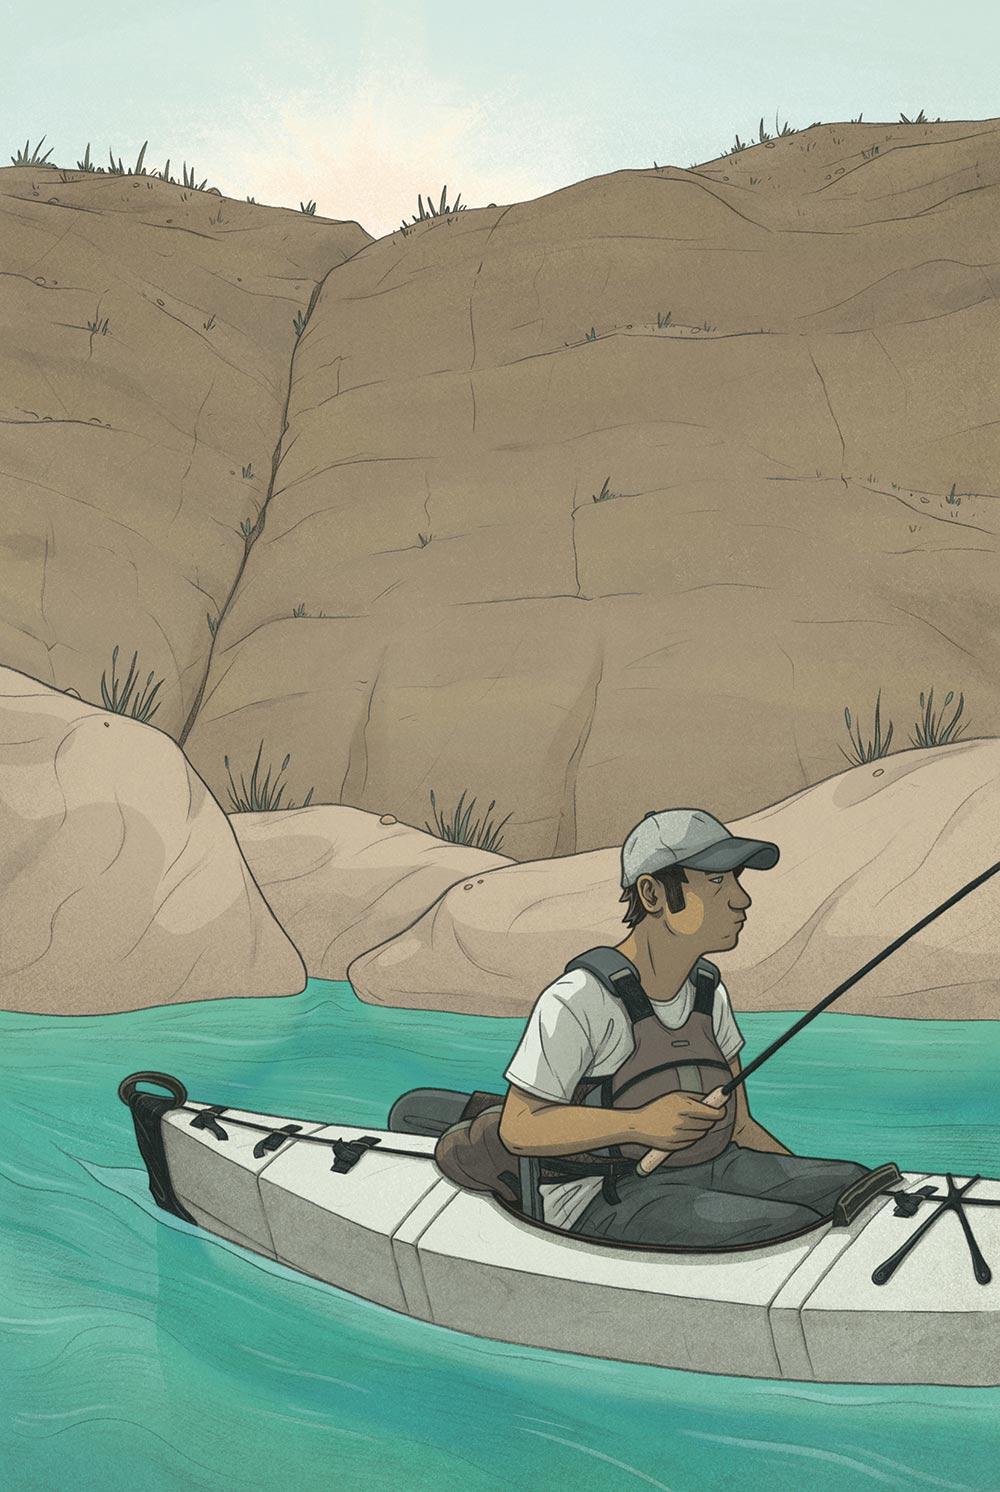 fishing, total outdoorsman, kayak fishing, t. edward nickens, max temescu